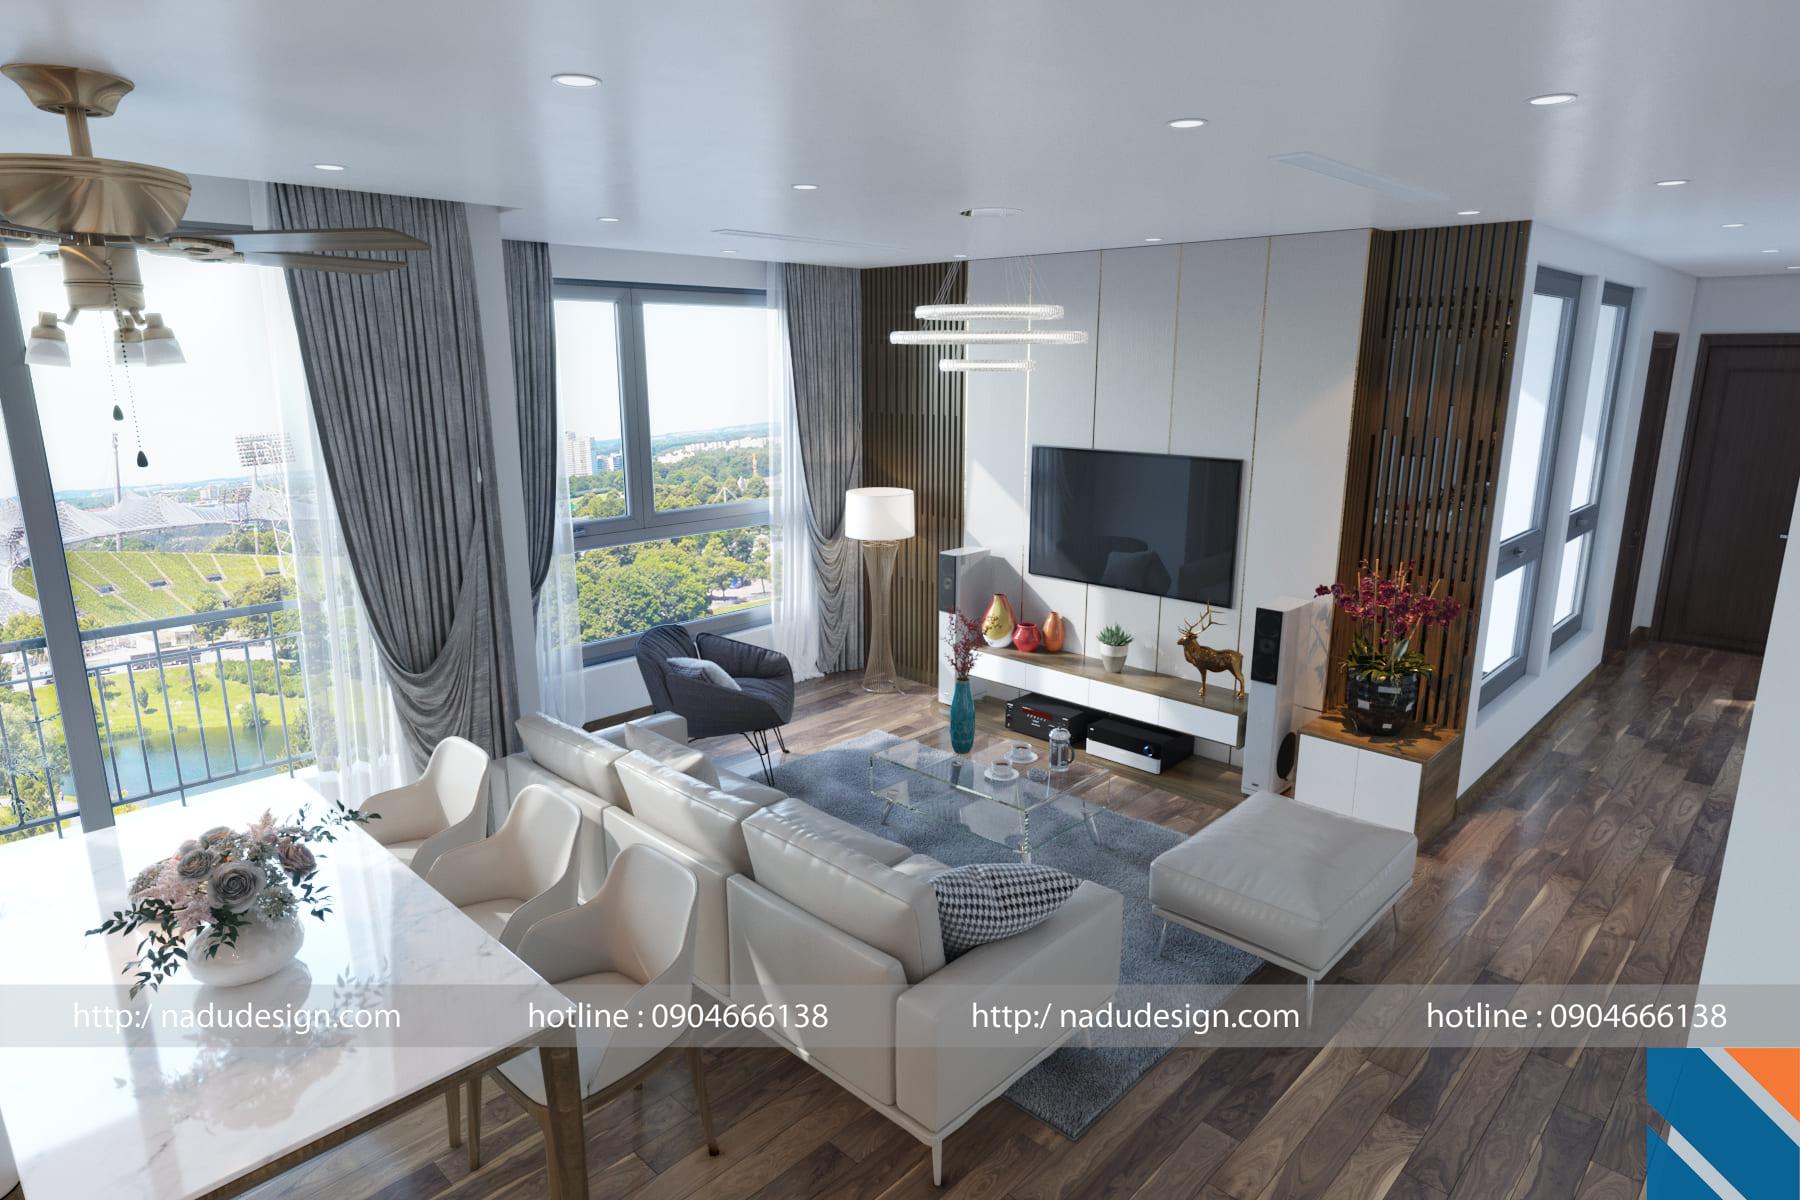 Mẫu thiết kế nội thất chung cư 3 phòng ngủ (ảnh 4)